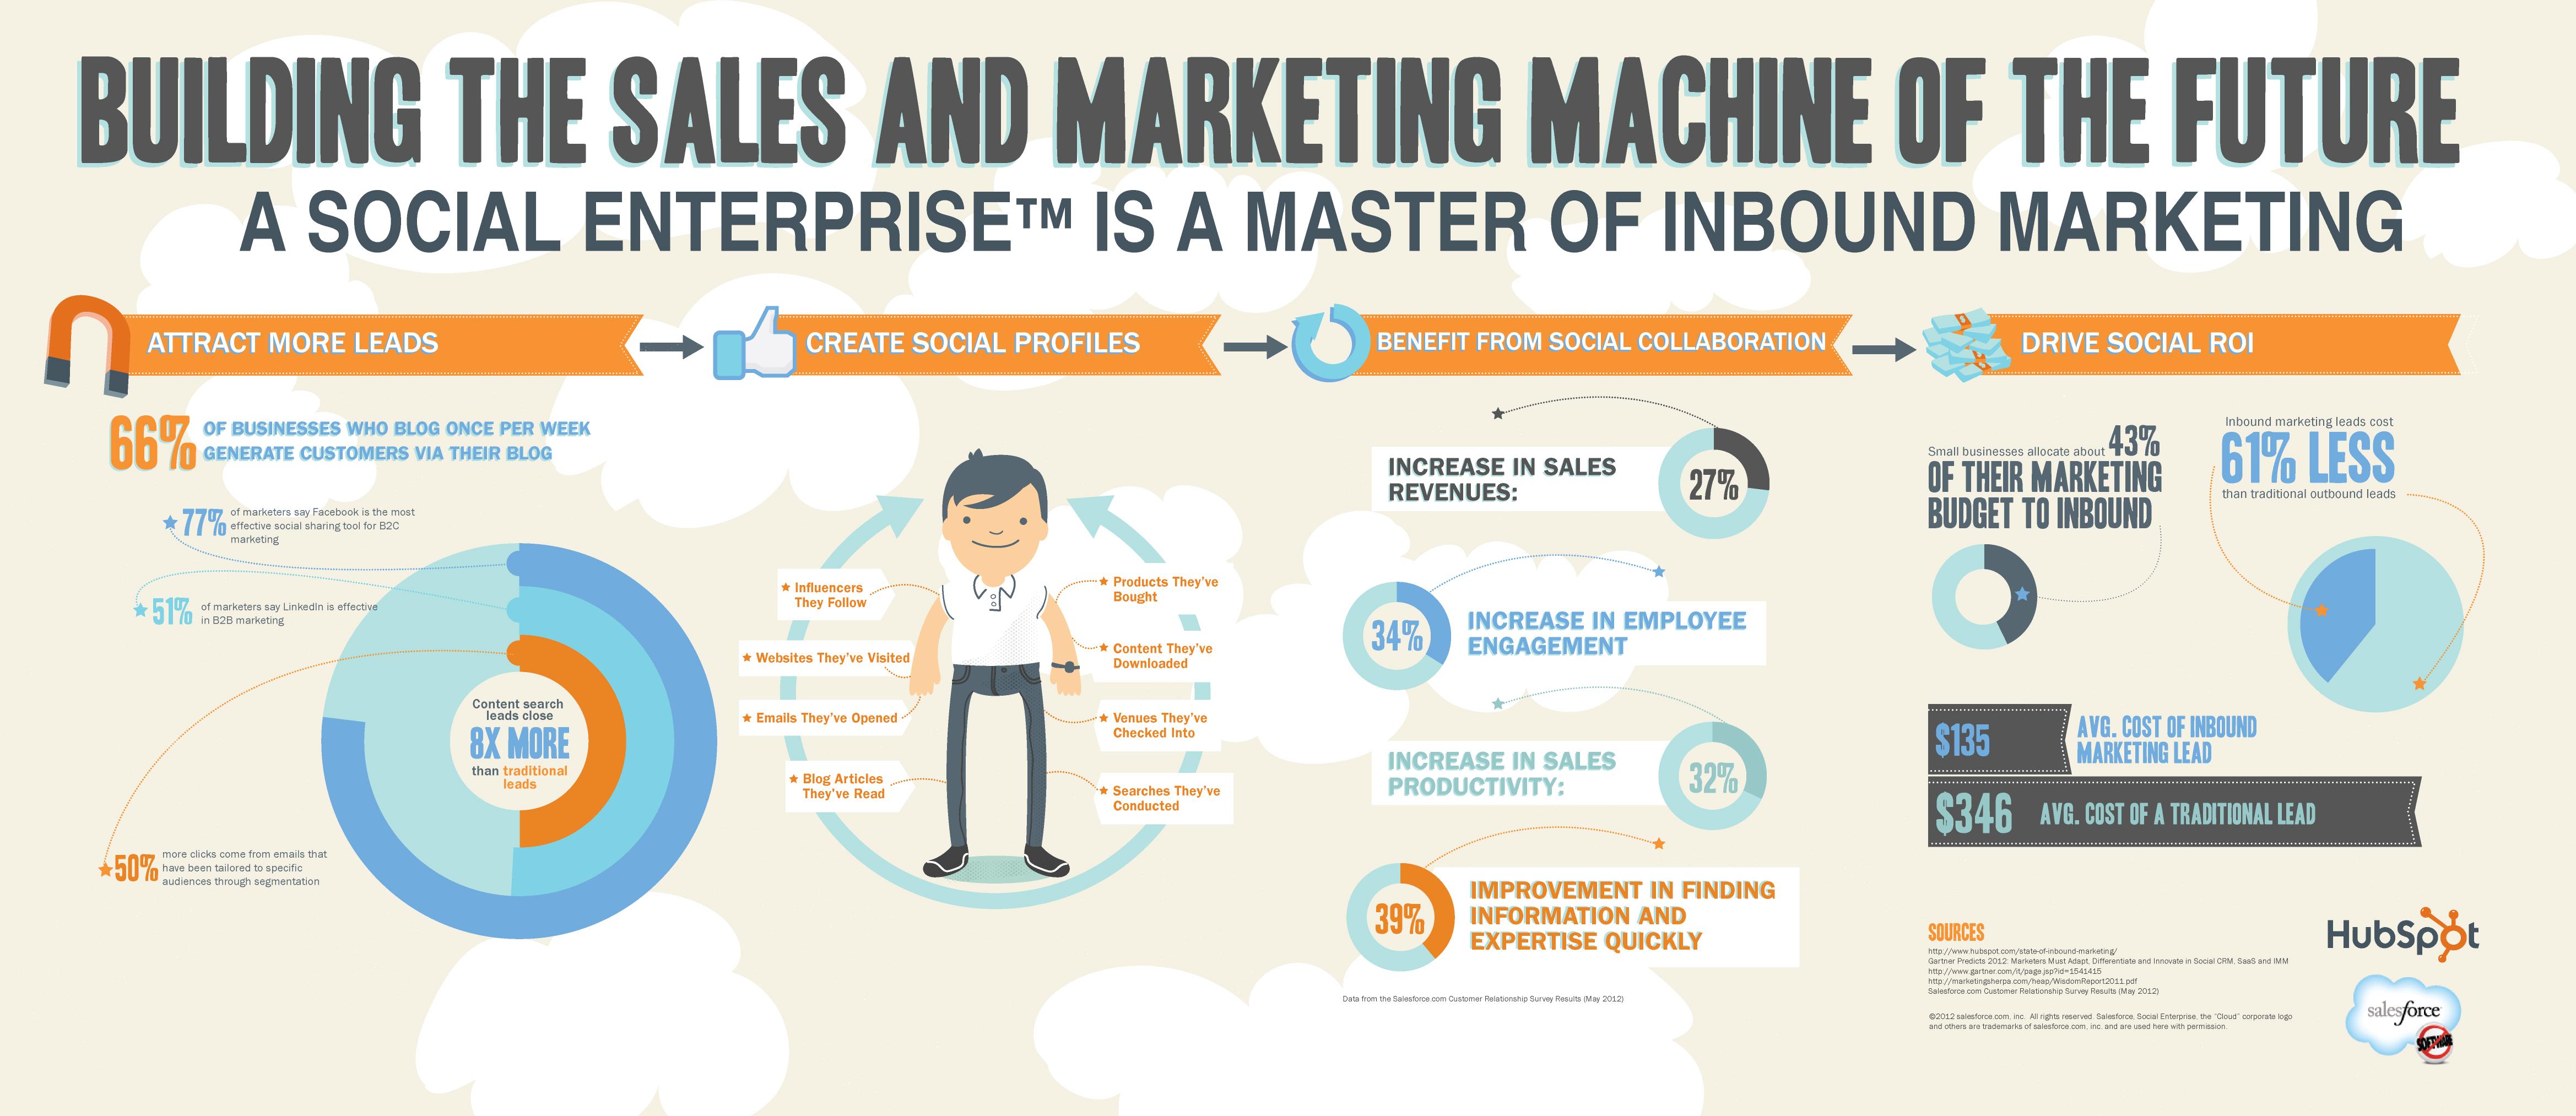 salesforce hubspot infographic final